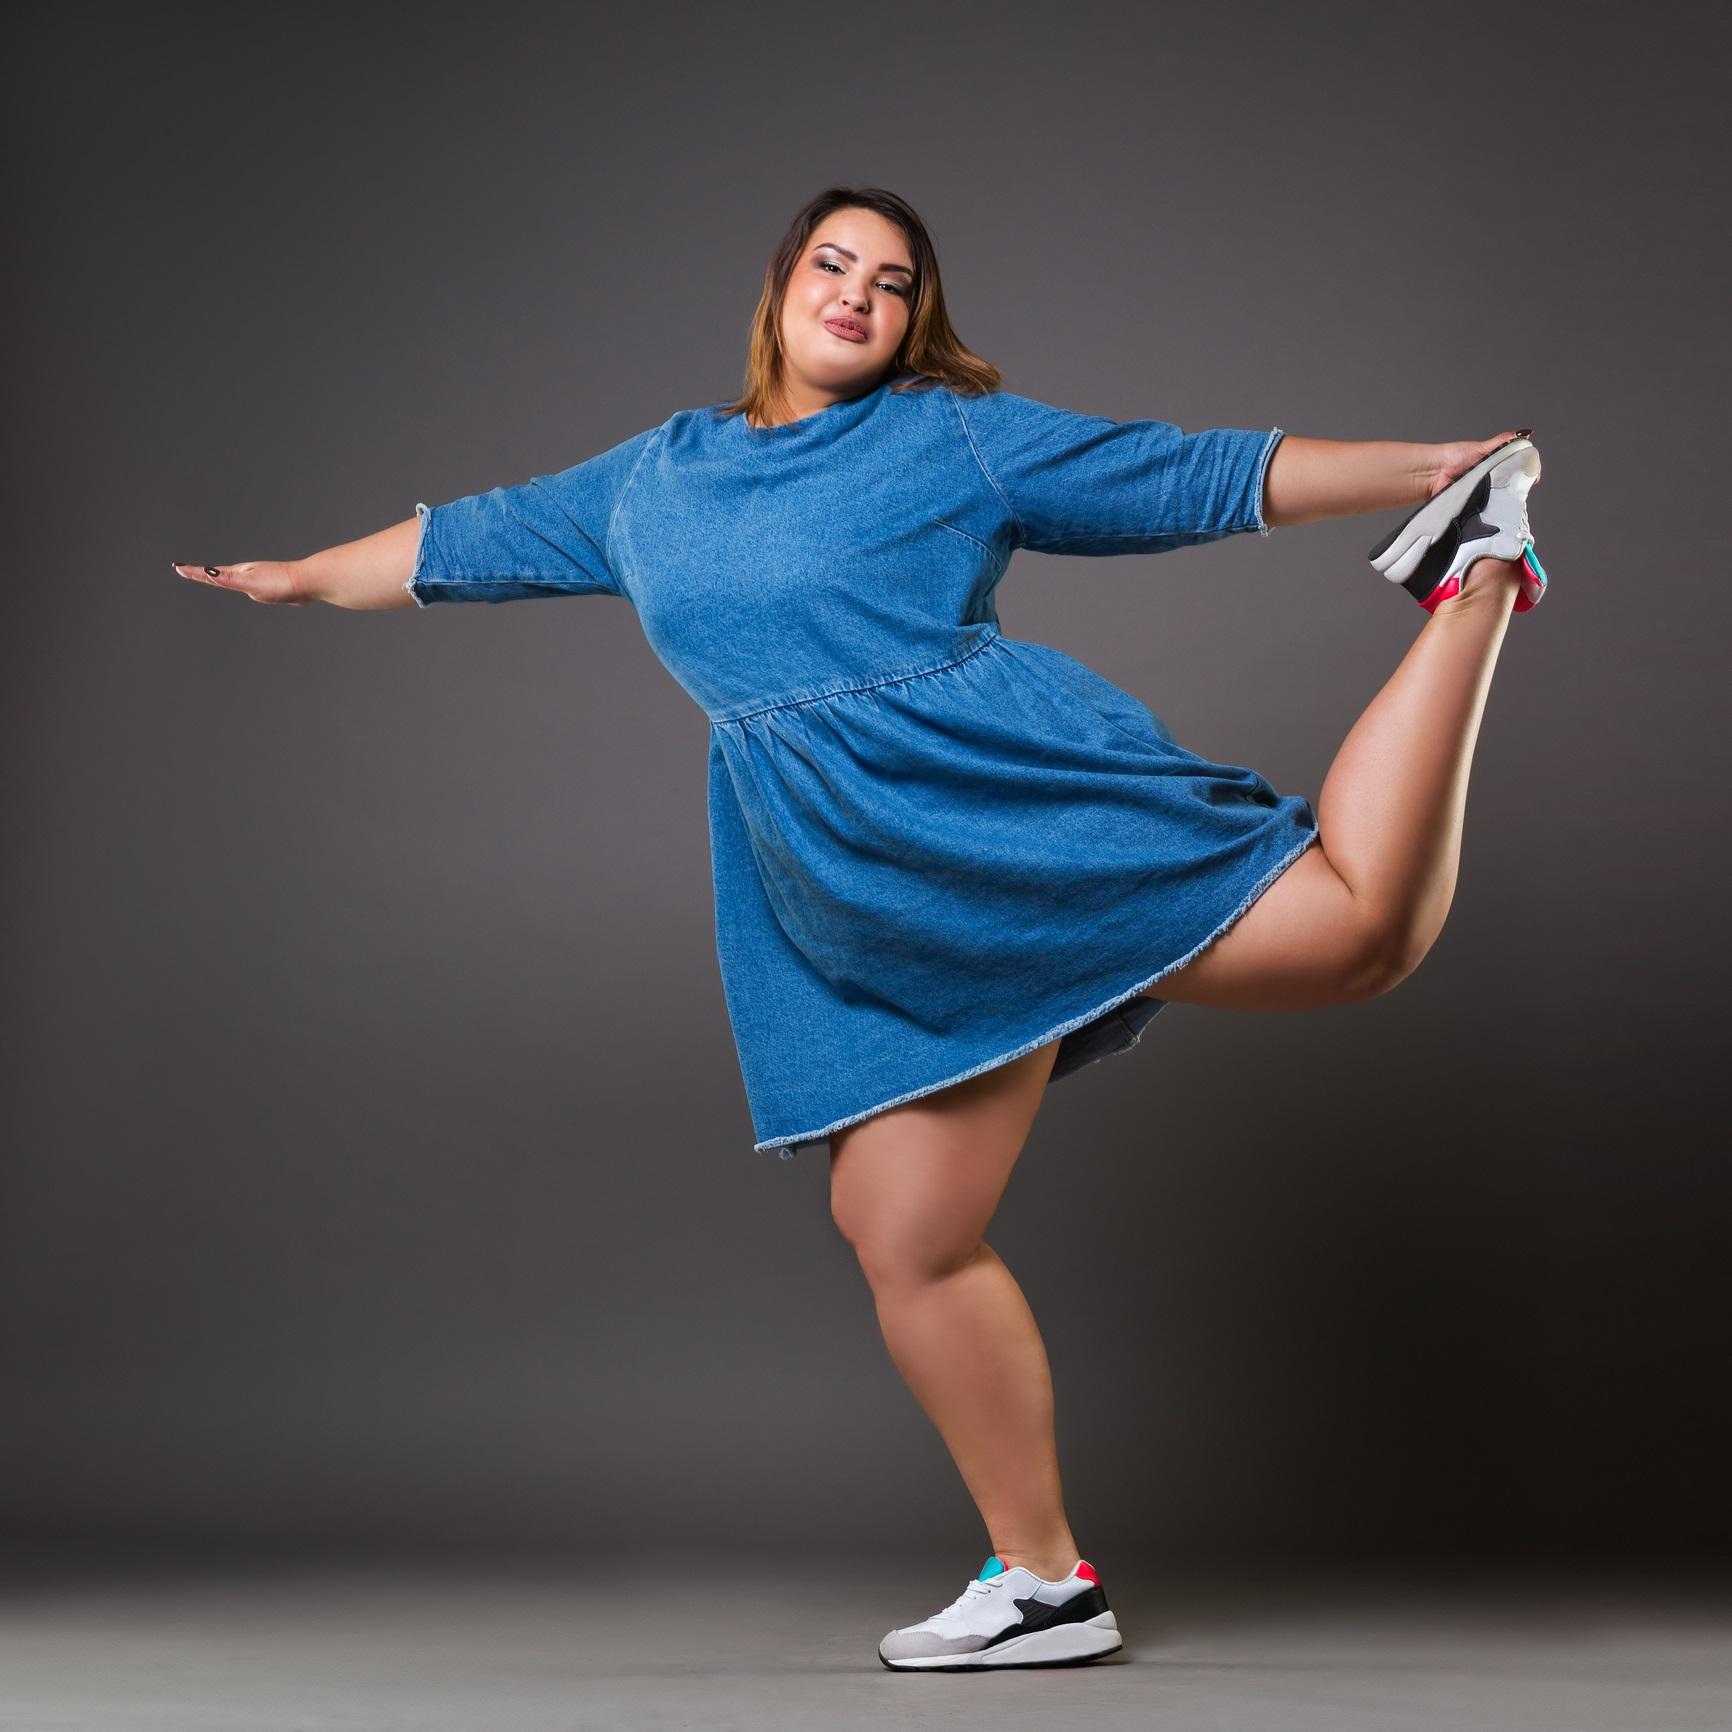 <p>Не бъдете щастливи с наднорменото си тегло<br /> <br /> Наднорменото тегло е свързано с 90% от случаите на диабет тип 2, сърдечносъдови заболявания, хипертония, артрит, депресия, безсъние и т.н. Може и да се харесвате и приемате &bdquo;такъв, какъвто съм&ldquo;, но помислете дали теглото ви е здравословно за вас.</p>